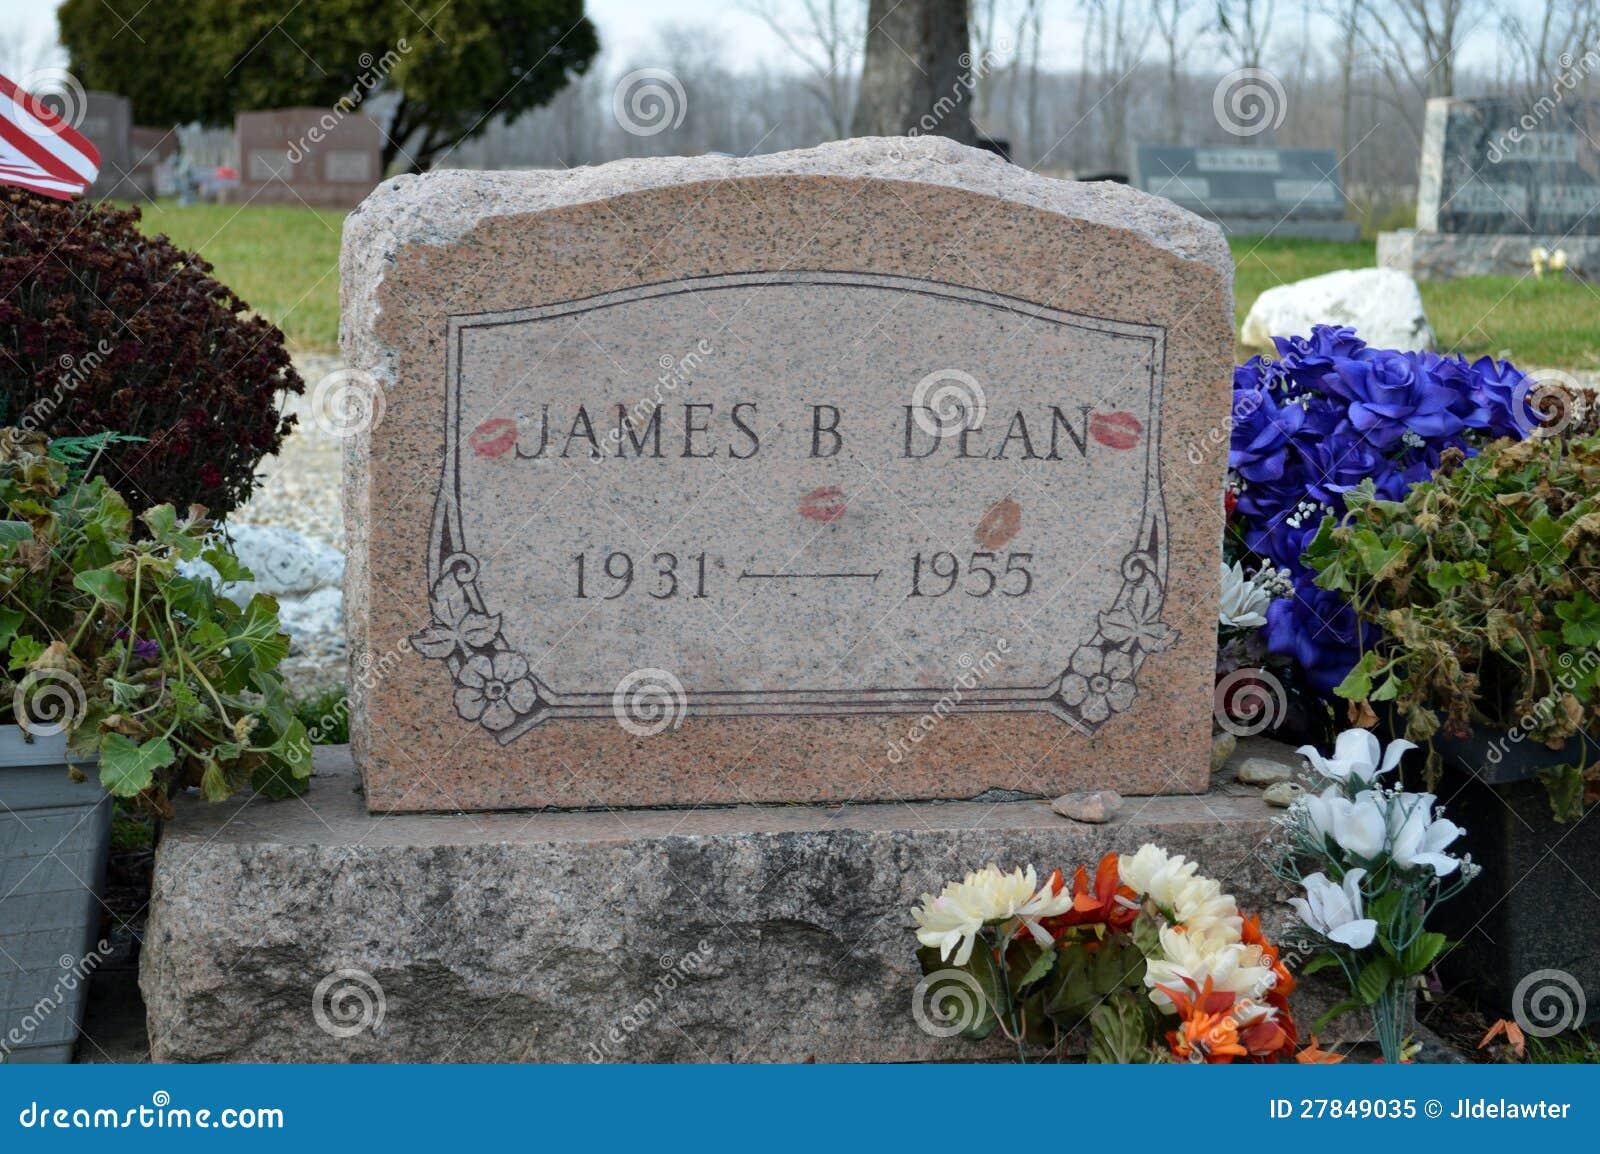 James dean editorial image  Image of death, memorial - 27849035